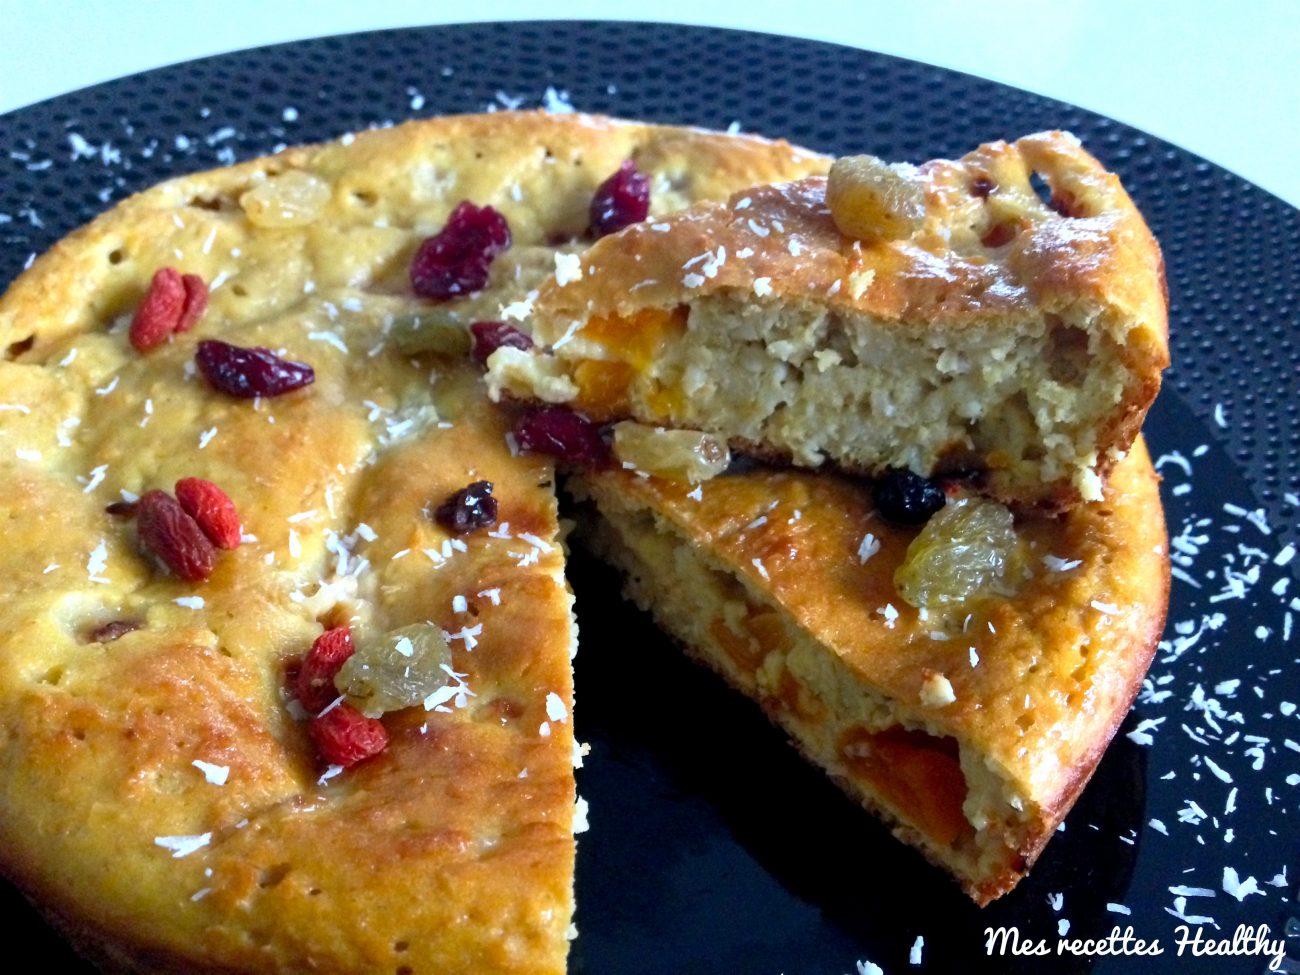 recettes de moelleux par mes recettes healthy g teau aux abricots muffin la figue fraiche. Black Bedroom Furniture Sets. Home Design Ideas